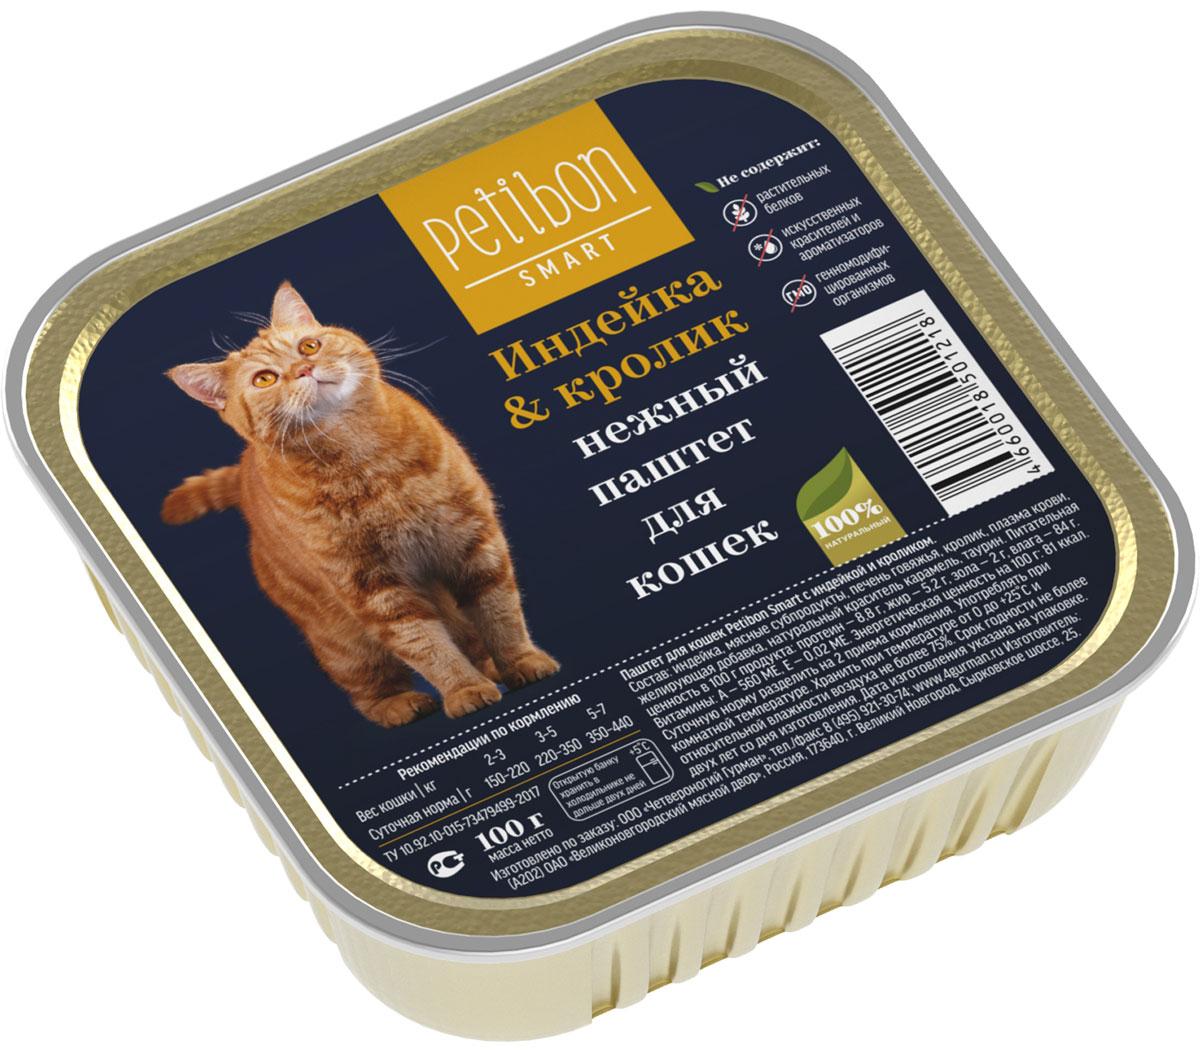 Корм консервированный для кошек Petibon Smart Паштет, с индейкой и кроликом, 100 г корм консервированный dr clauder s для кошек с телятиной и индейкой 100 г